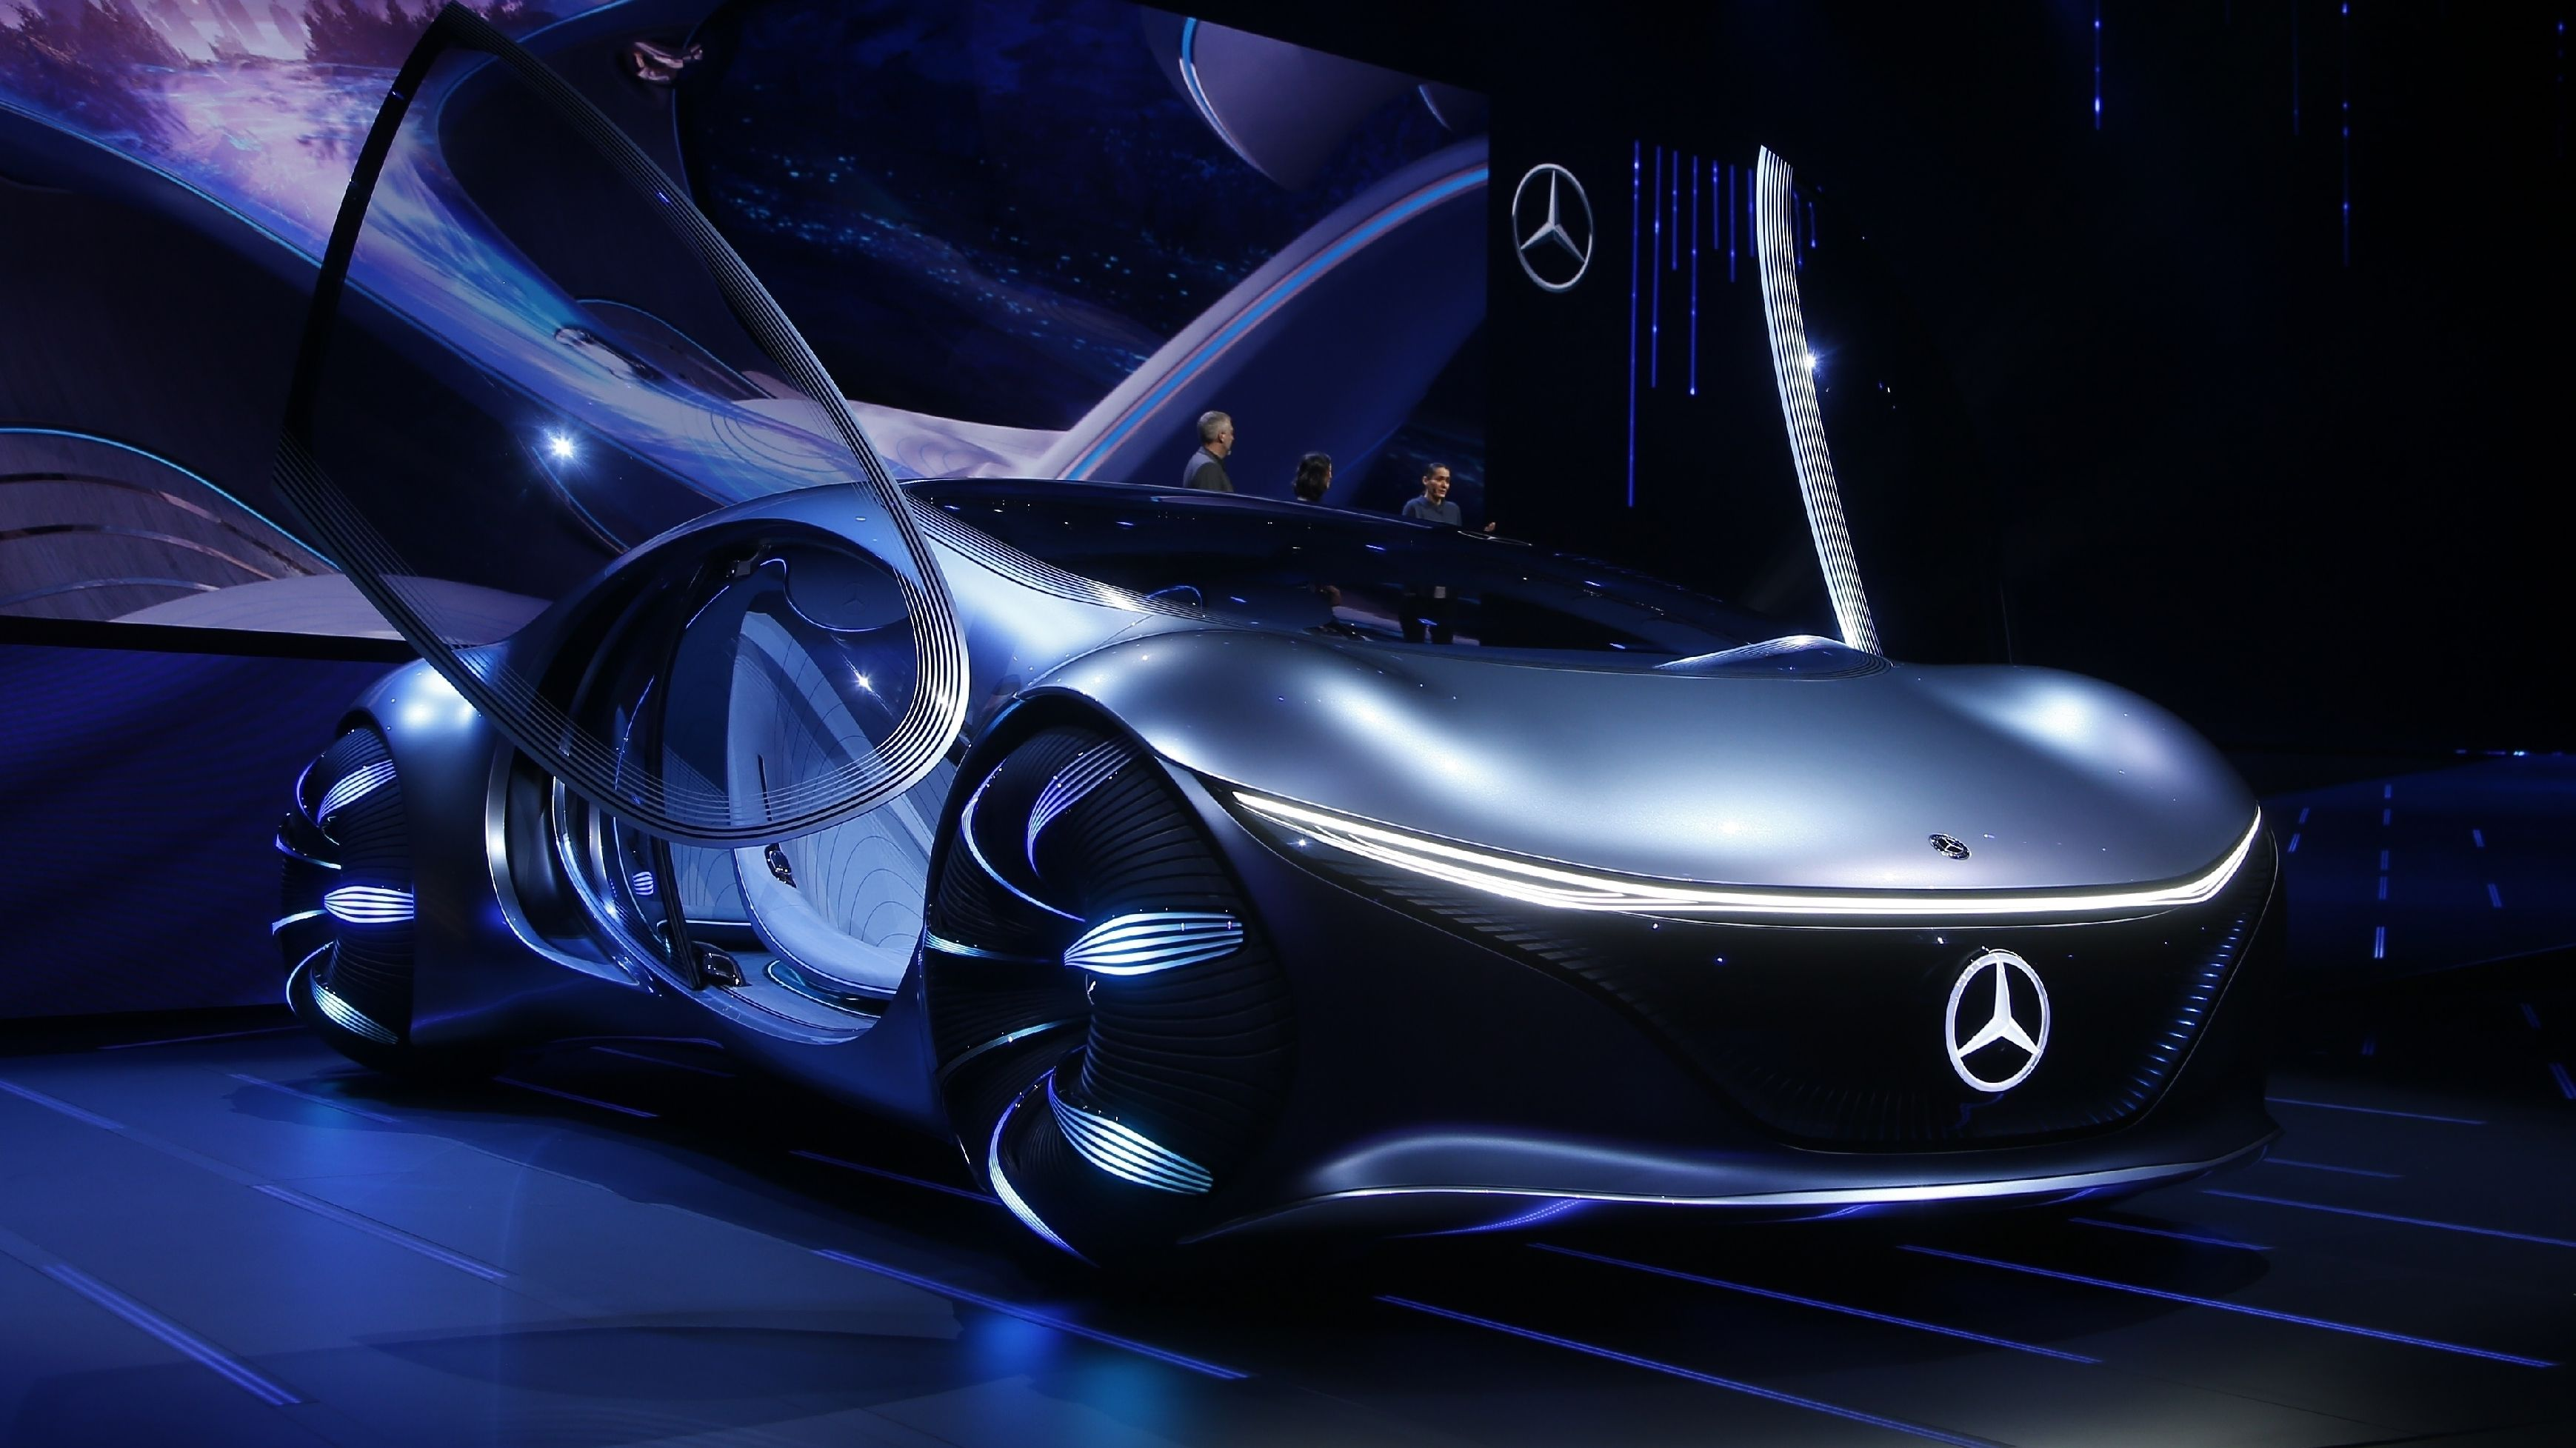 Die Consumer Electronics Show (CES) findet vom 09.01. - 10.01.2020 in Las Vegas statt.